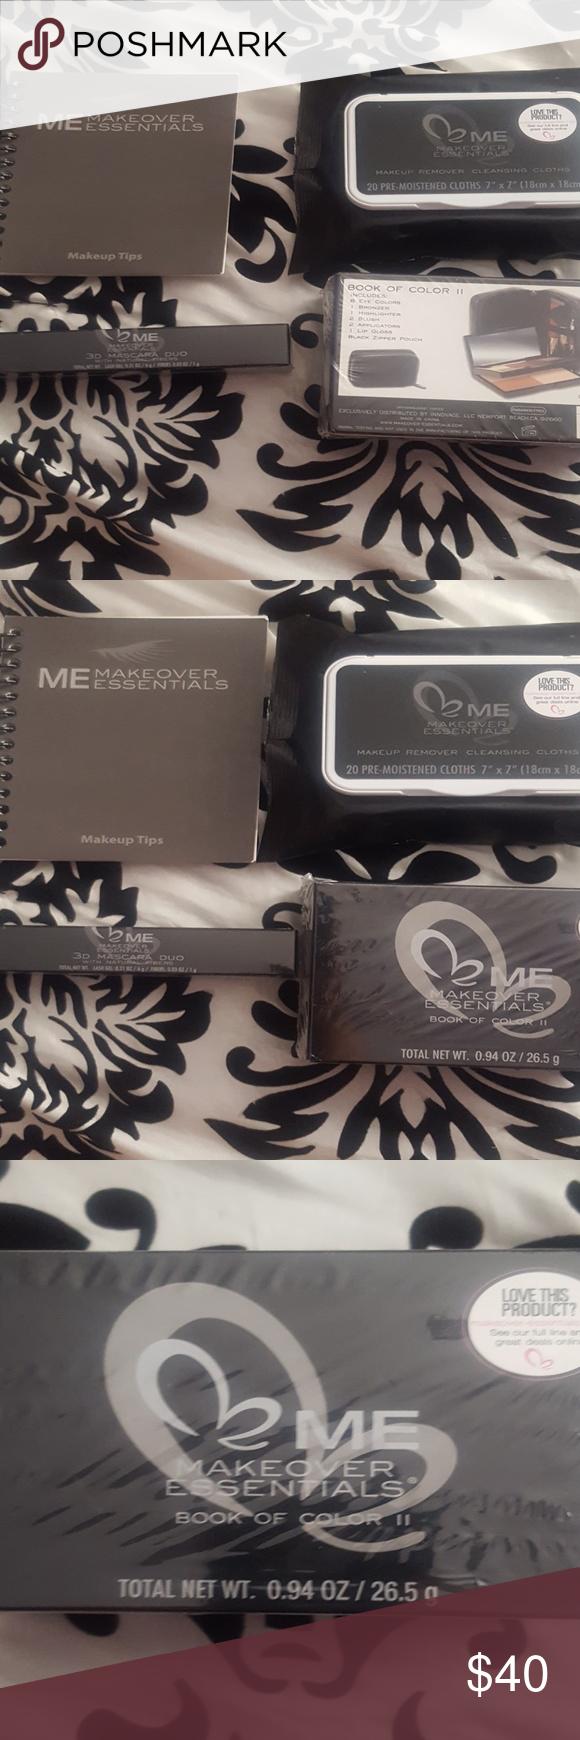 Makeover Essentials Makeup Reviews: NIB Makeover Essentials Makeup Set 1 Book Of Color Makeup